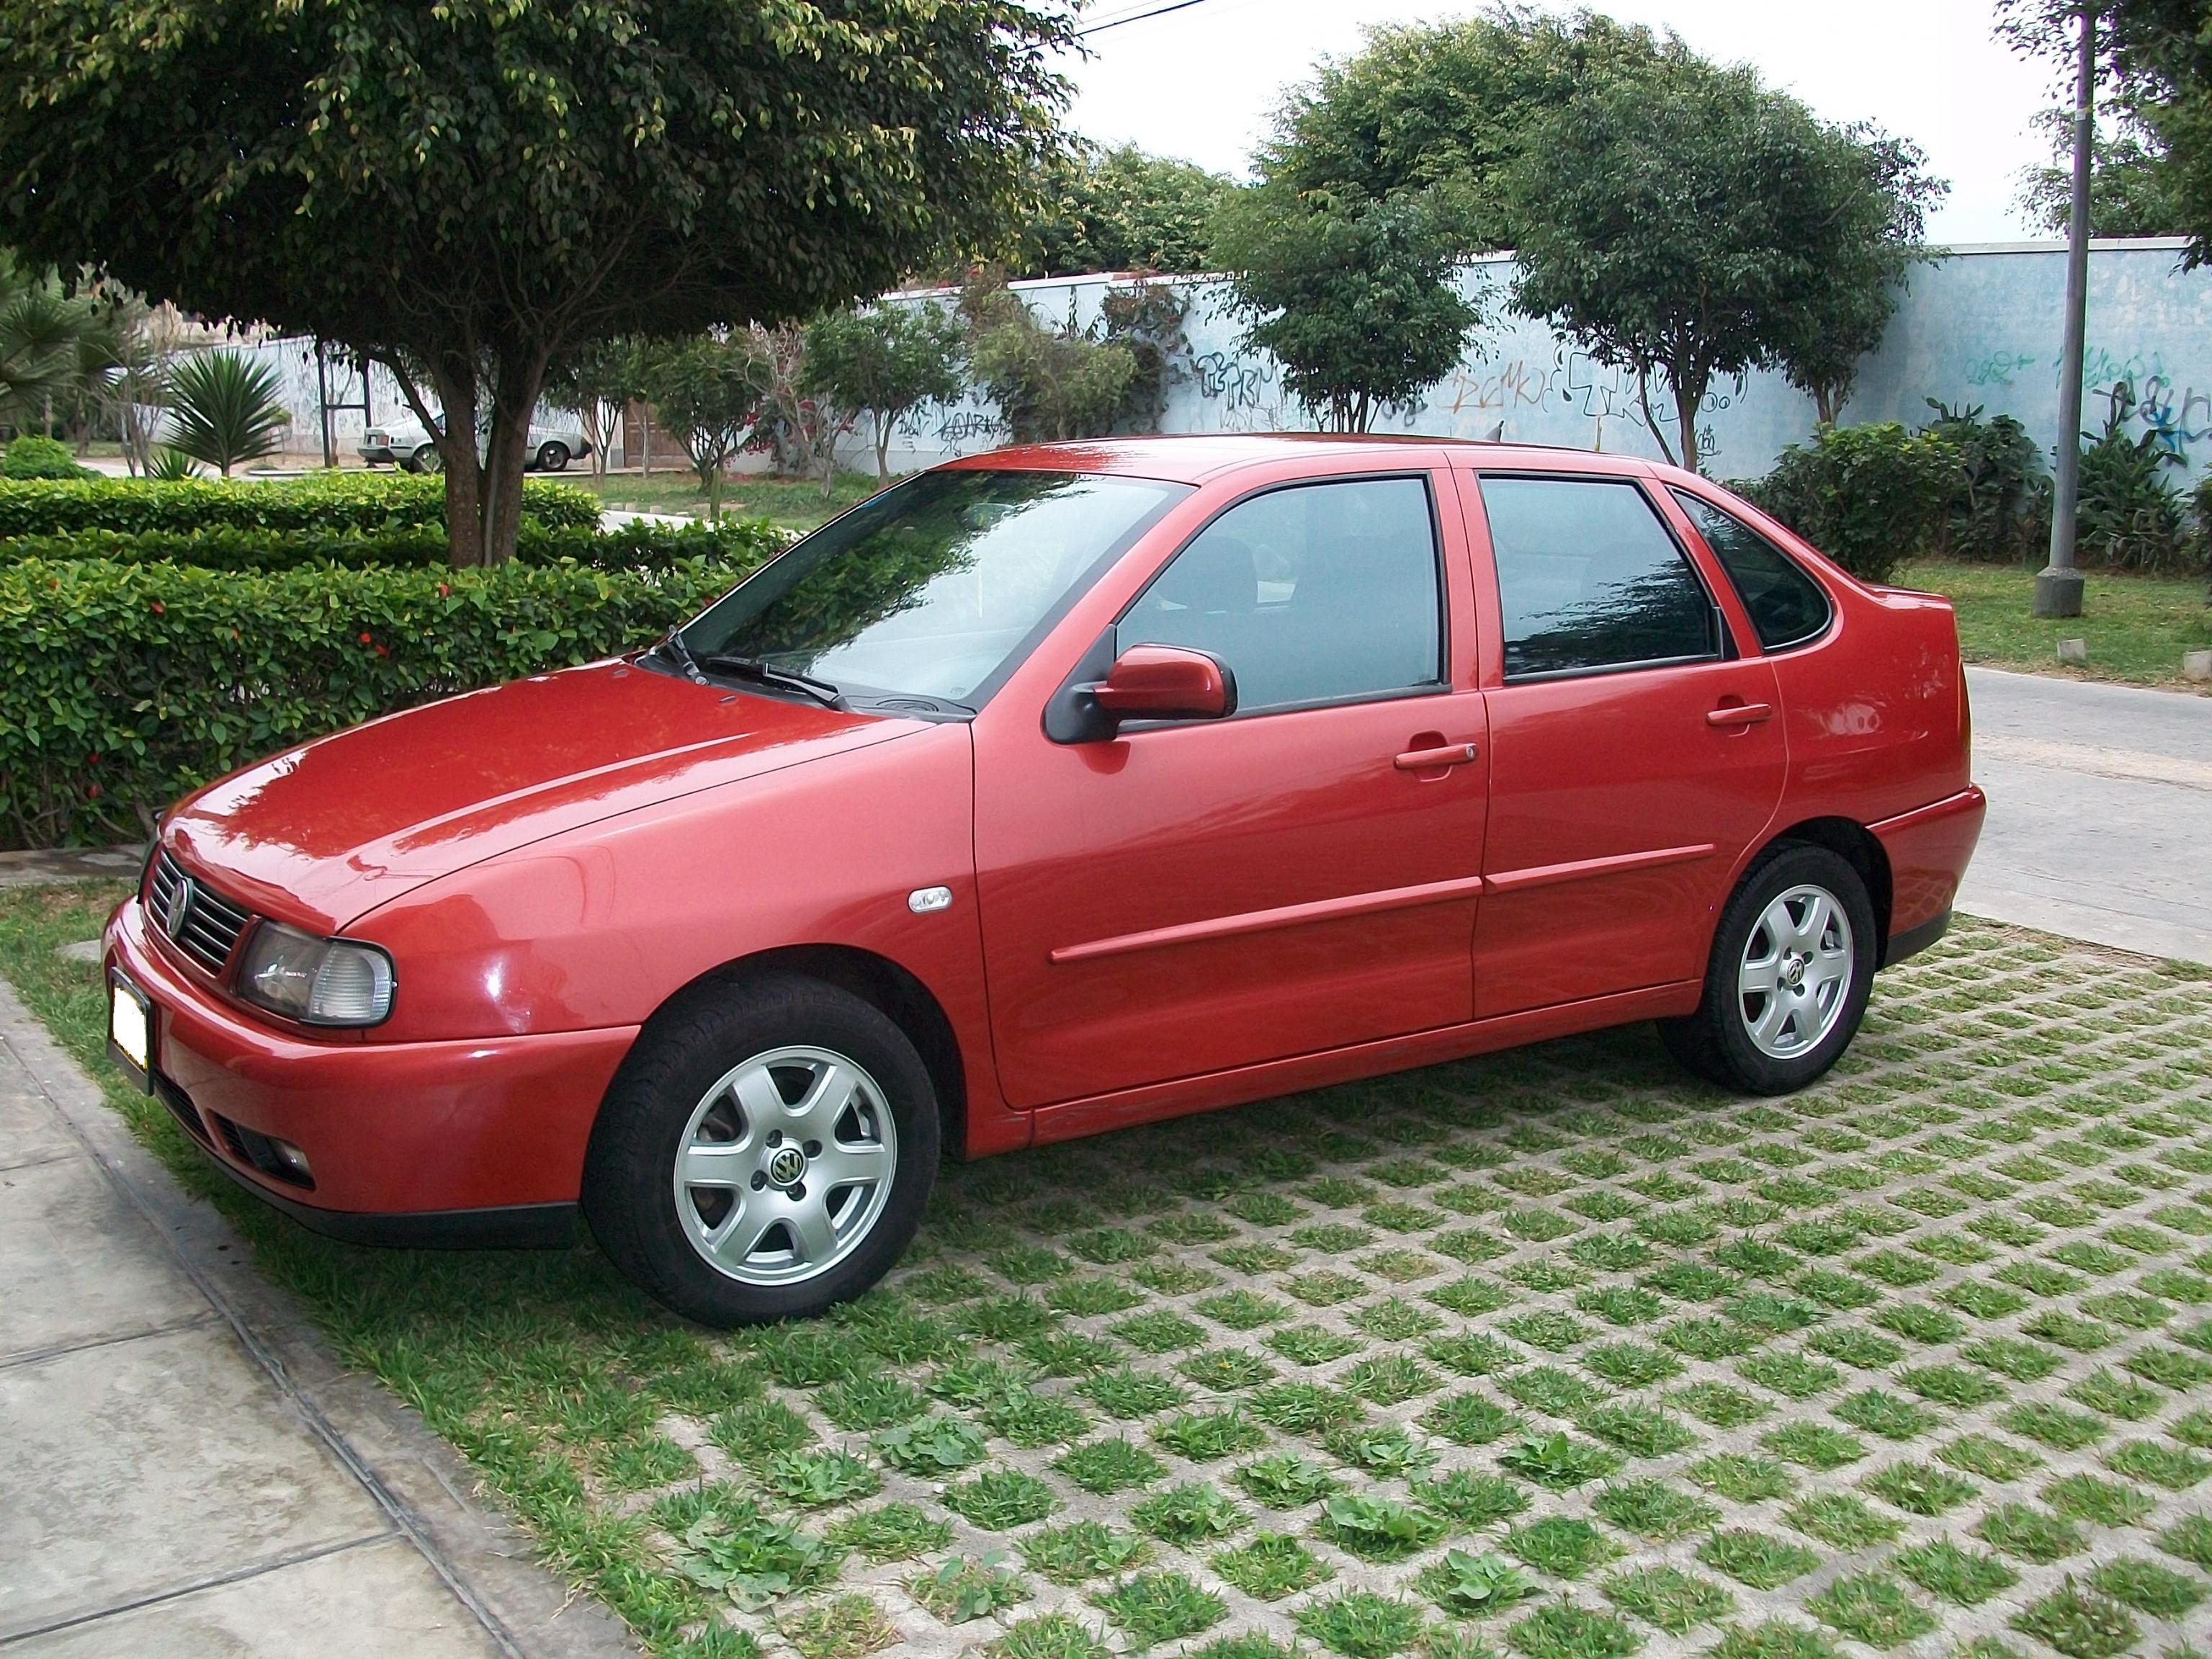 2000 Volkswagen Polo Classic - Partsopen